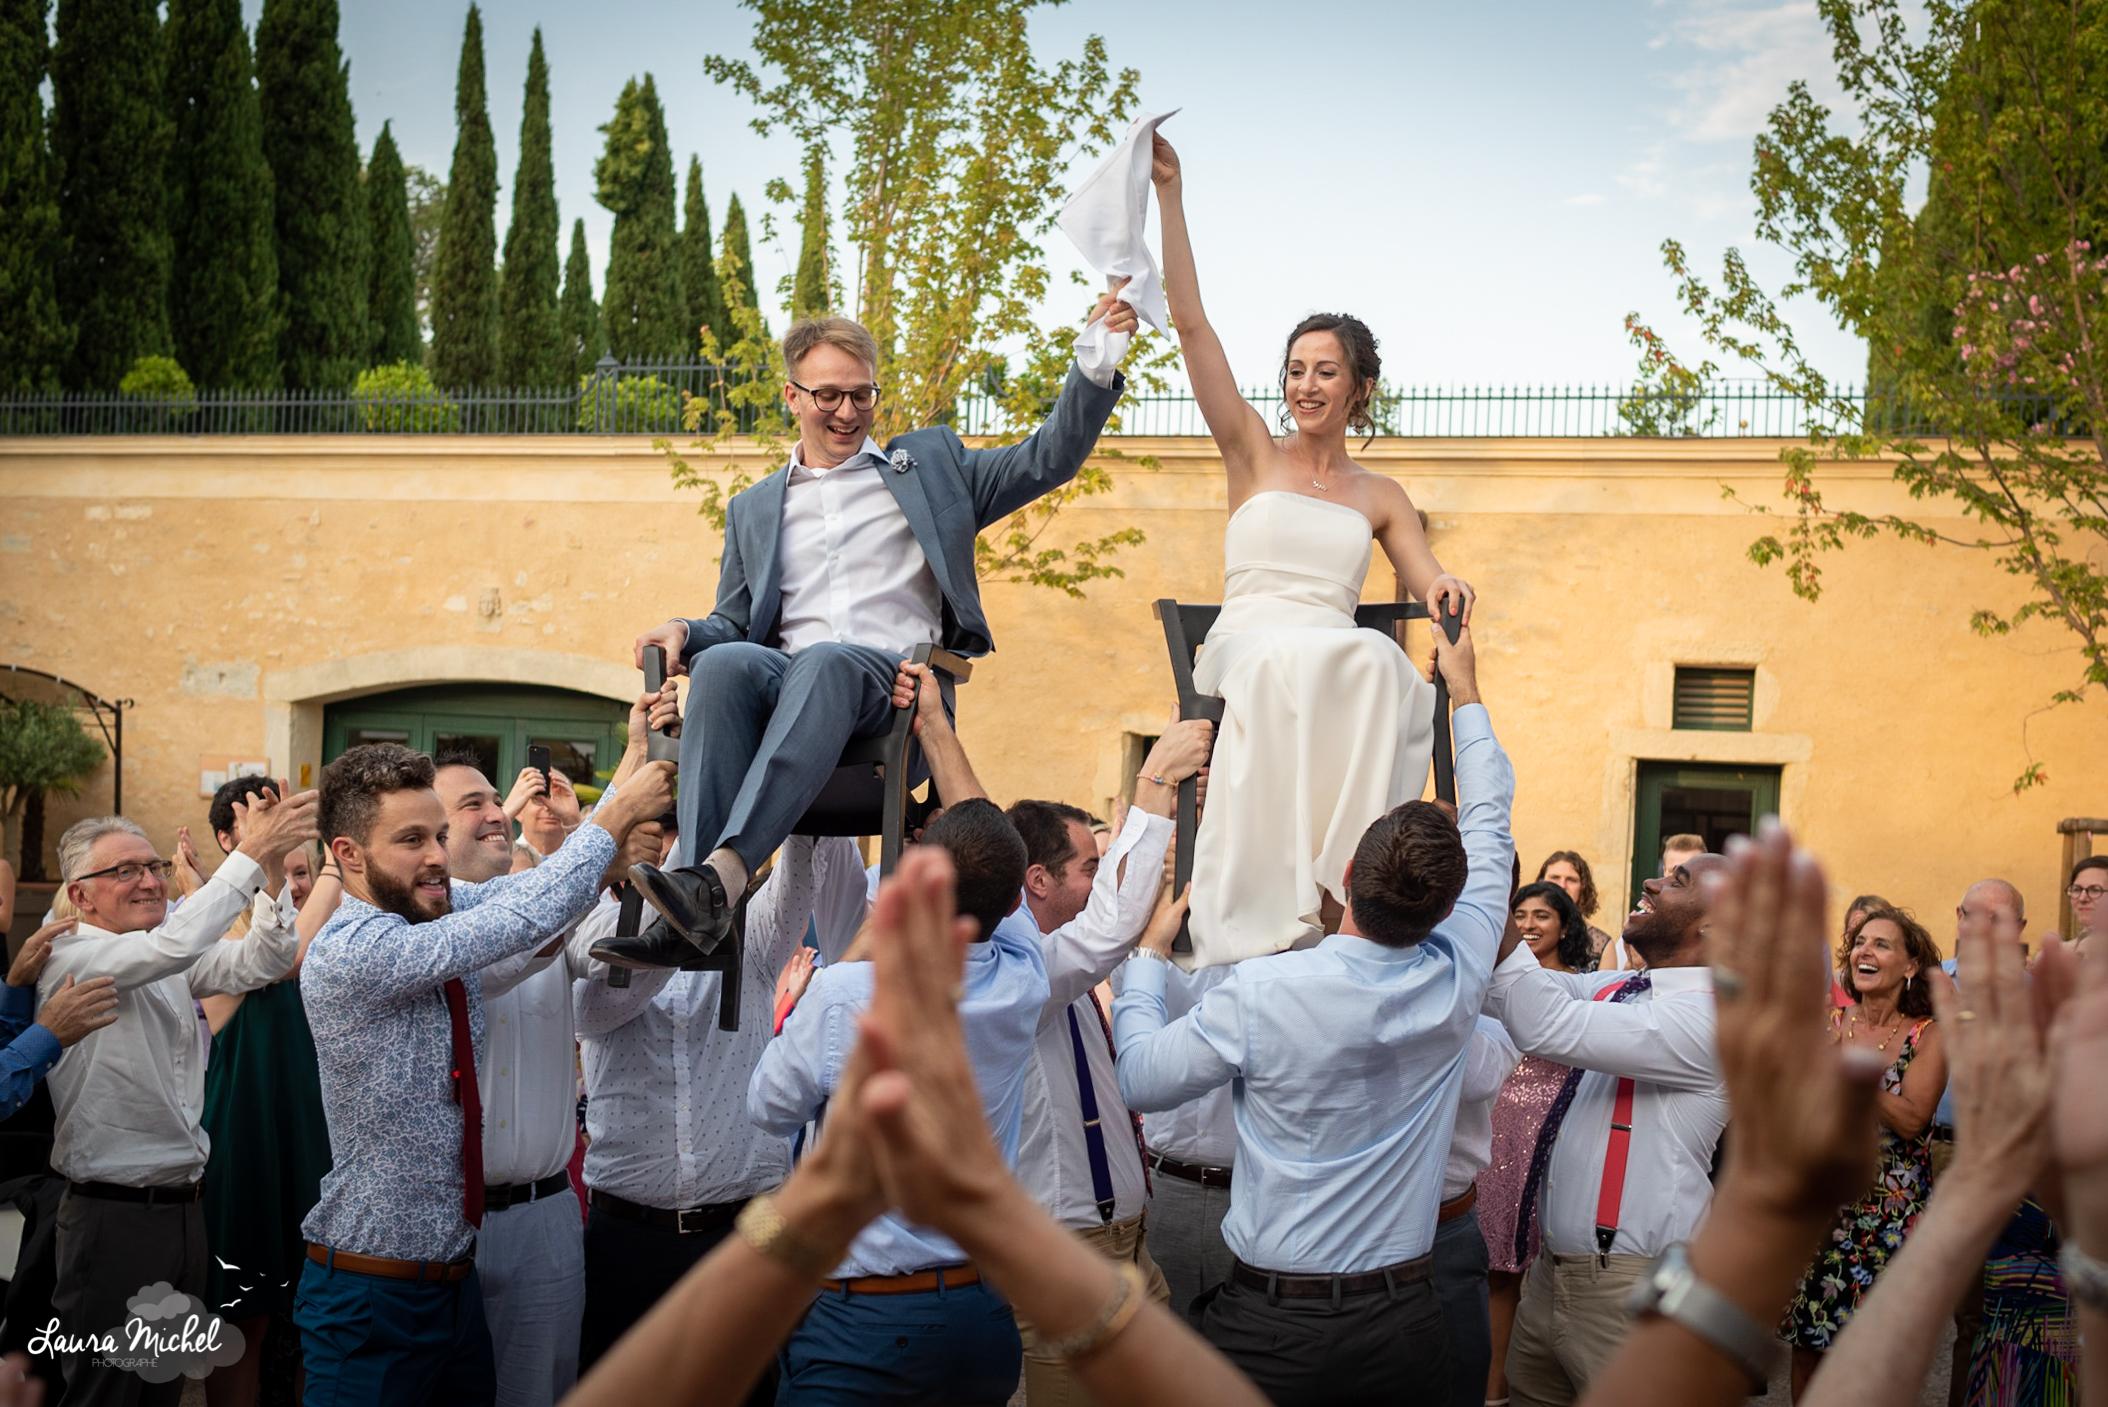 laura-michel-photographe-mariage-montpellierouverture de bal-montpellier-marie lp-wedding planner